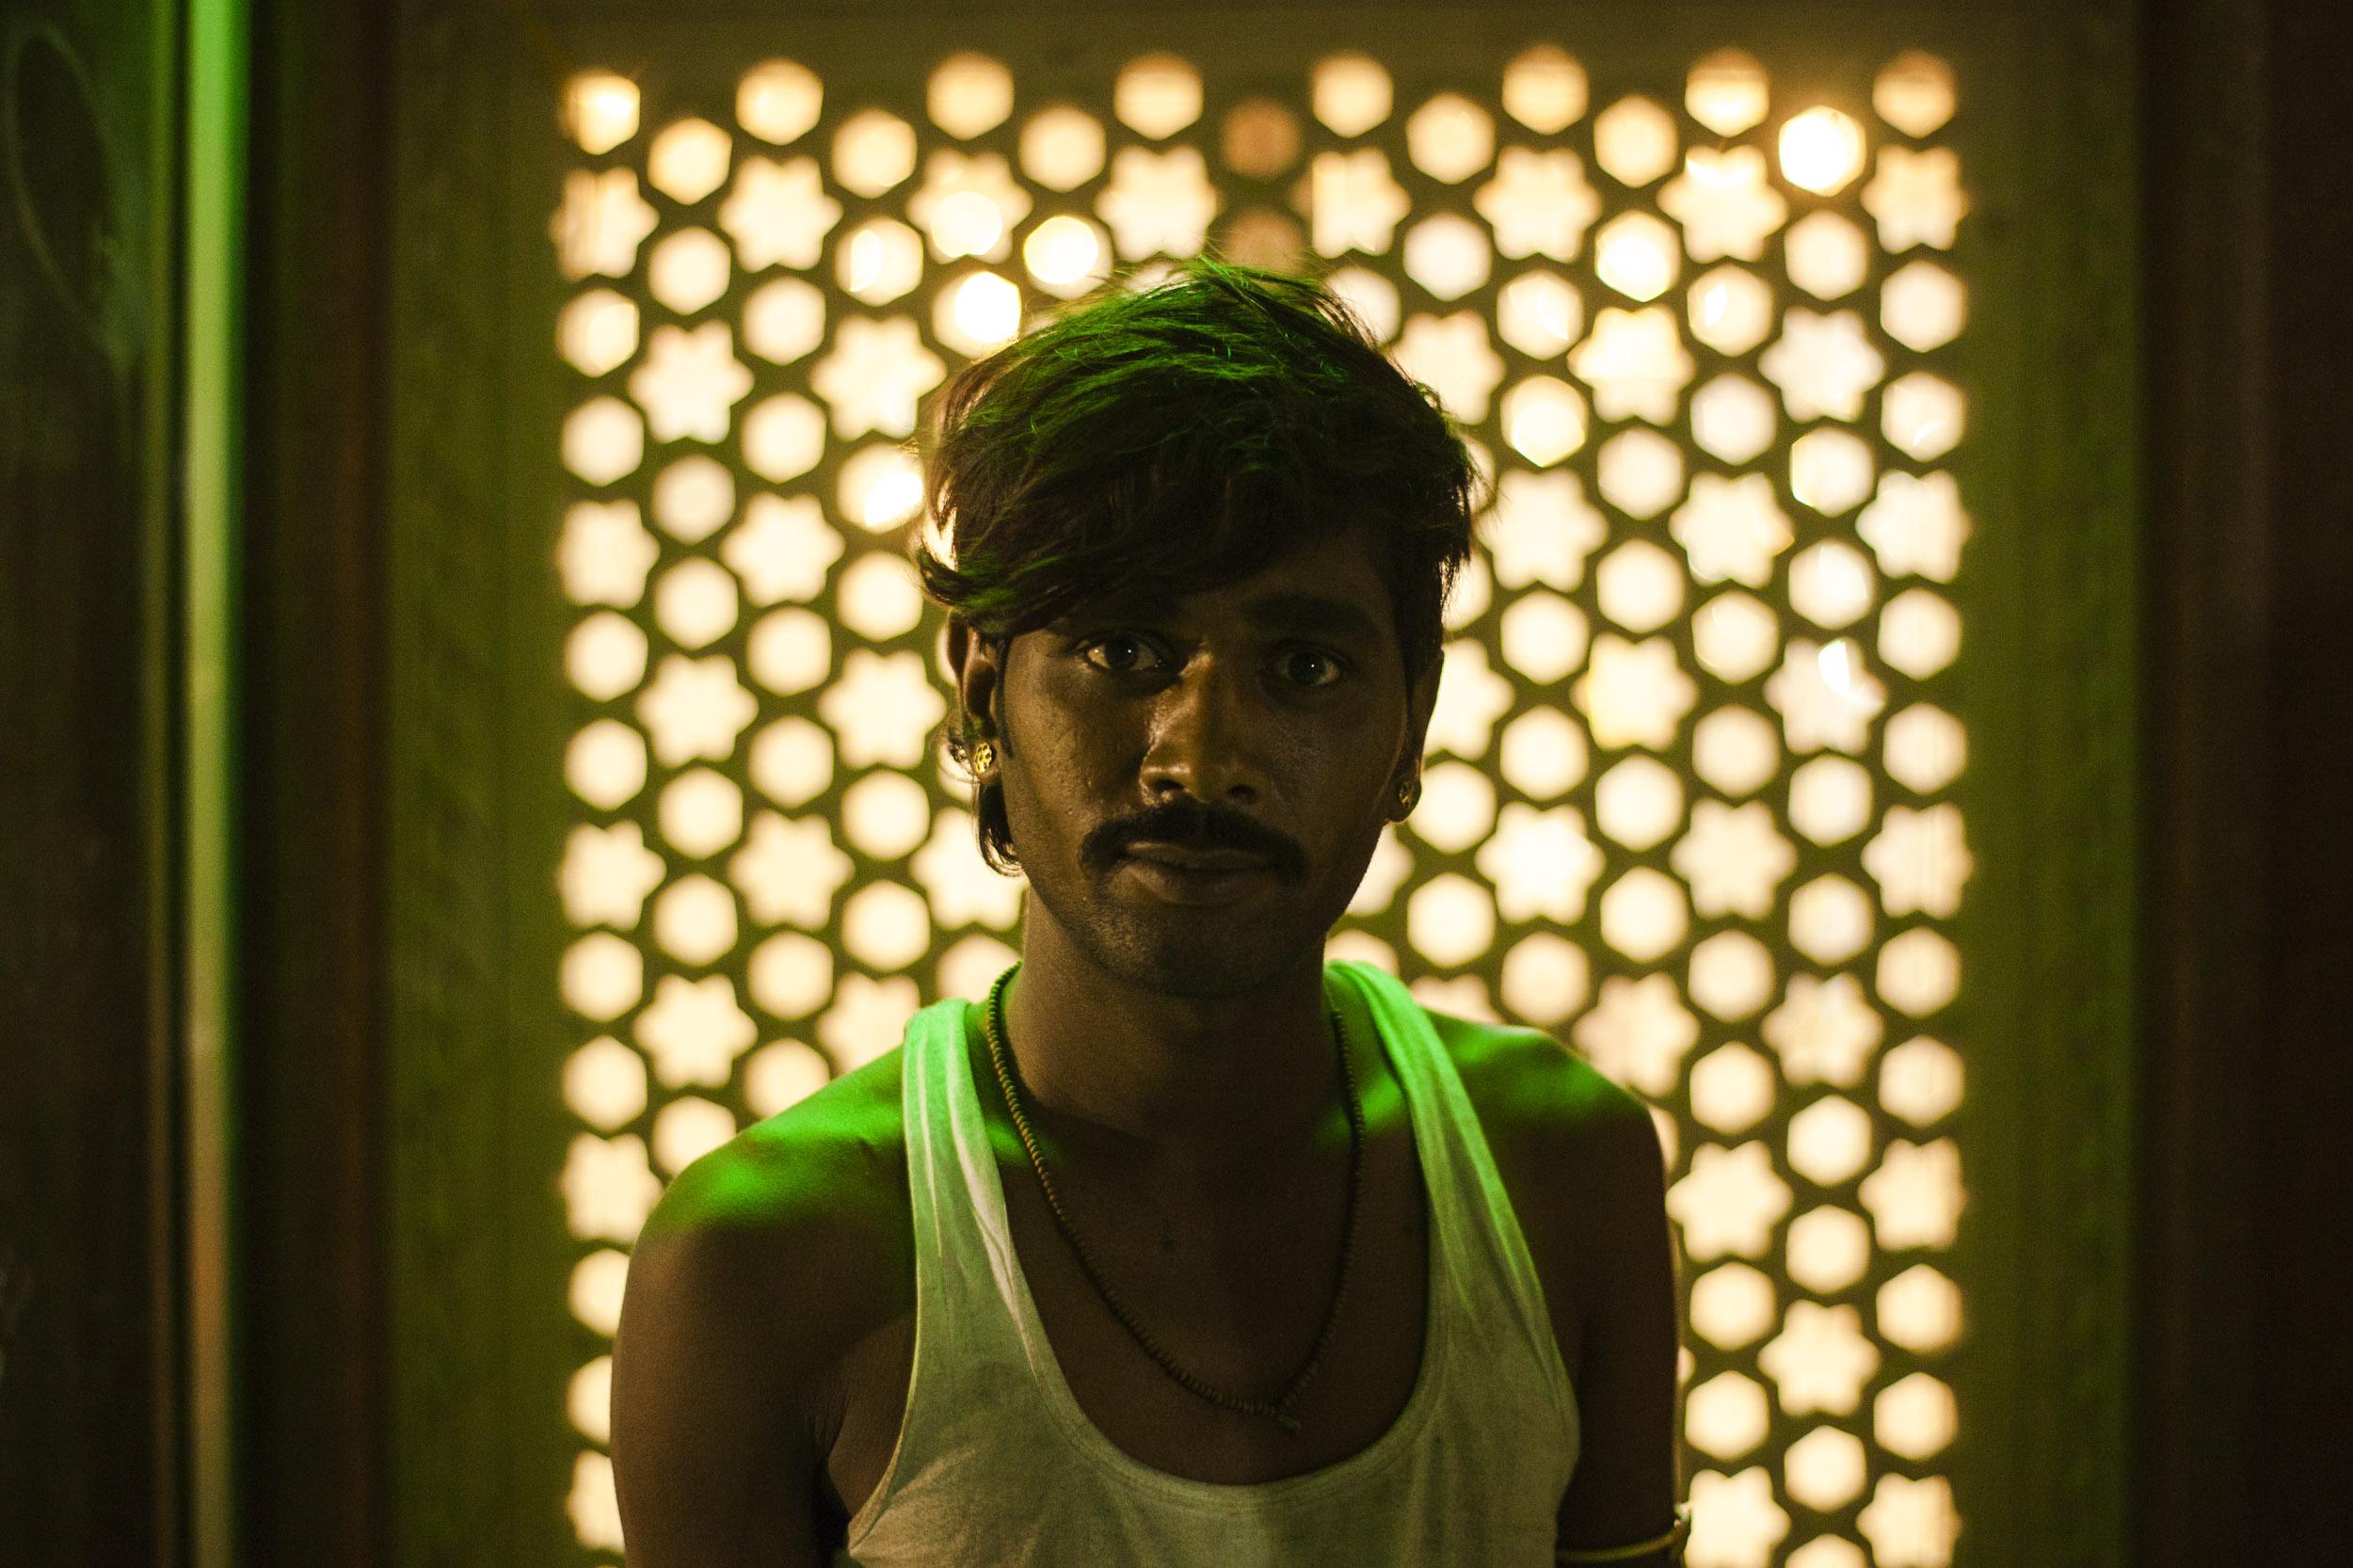 Green Trucker Temple Portrait